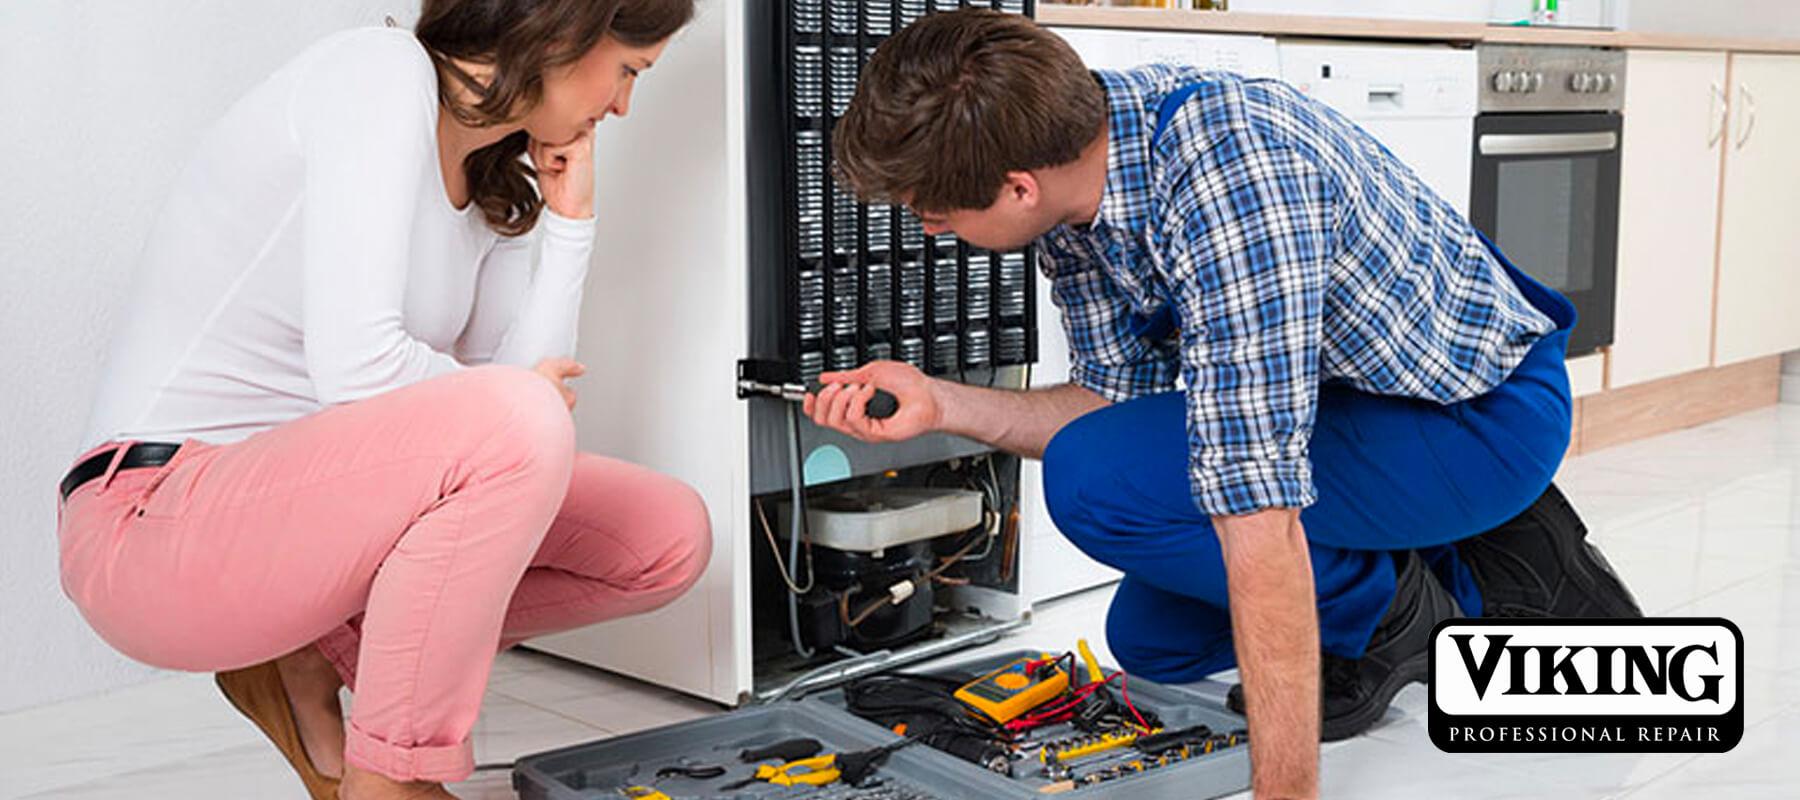 Viking Refrigerator Repair Service   Professional Viking Repair